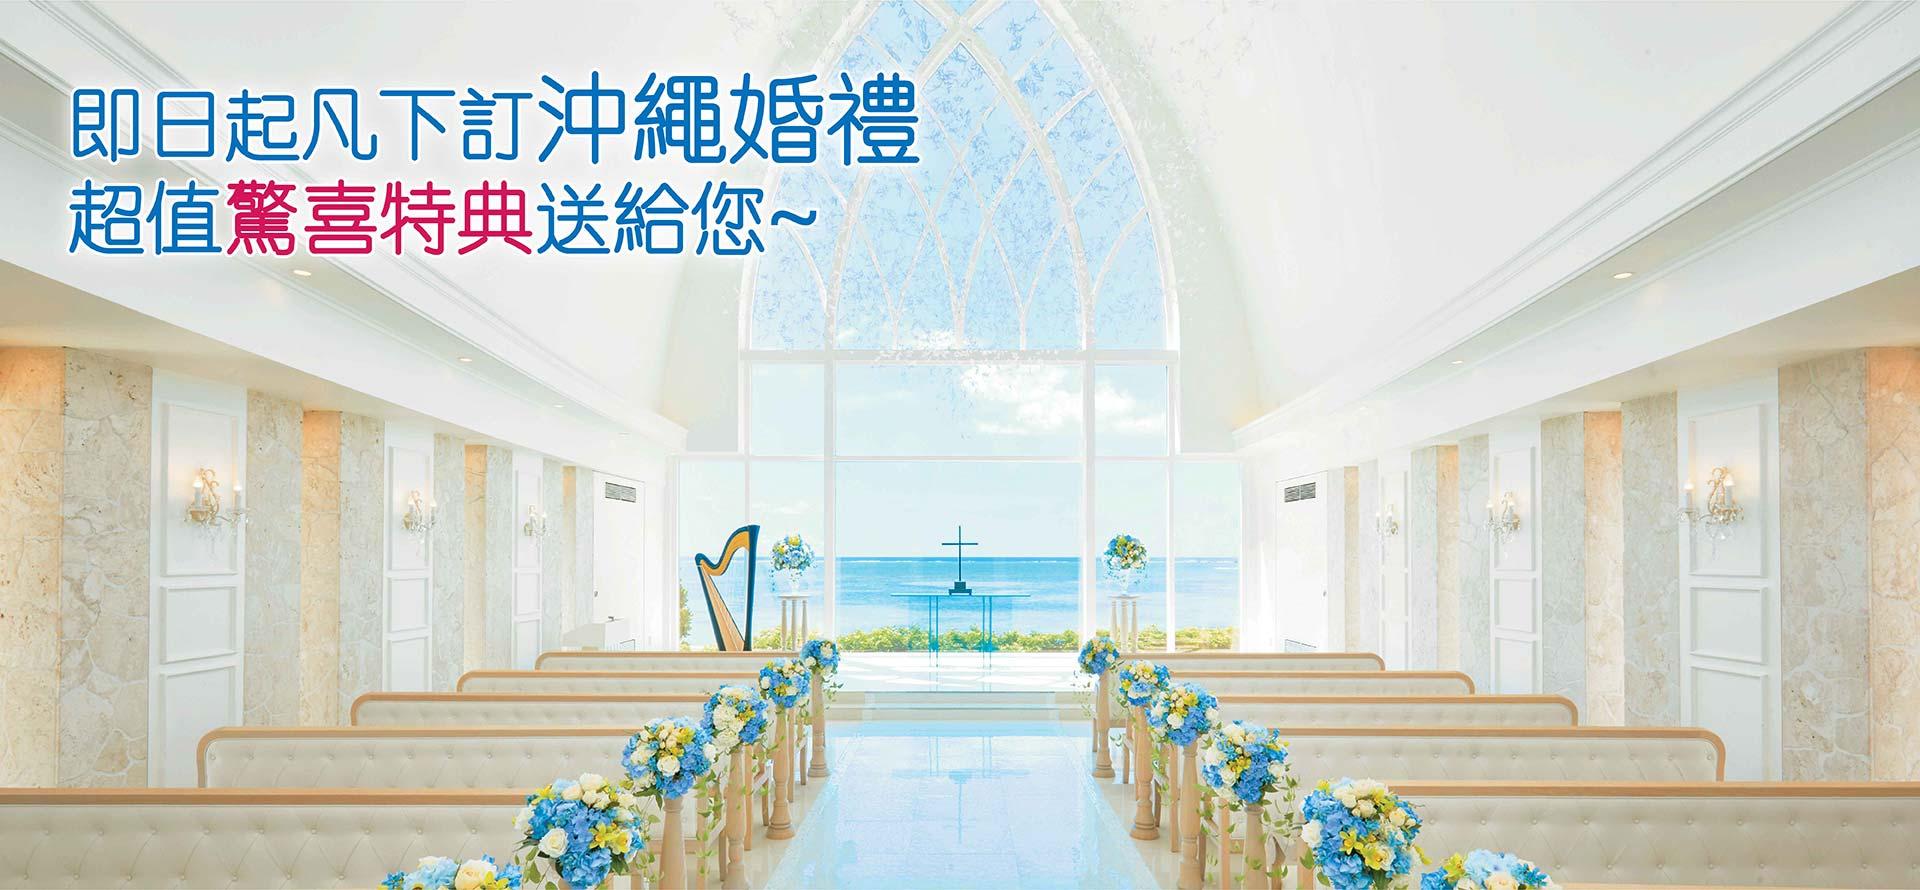 艾葵雅獨家! 婚禮主題色3選1任您選~ 打造屬於自己的婚禮~